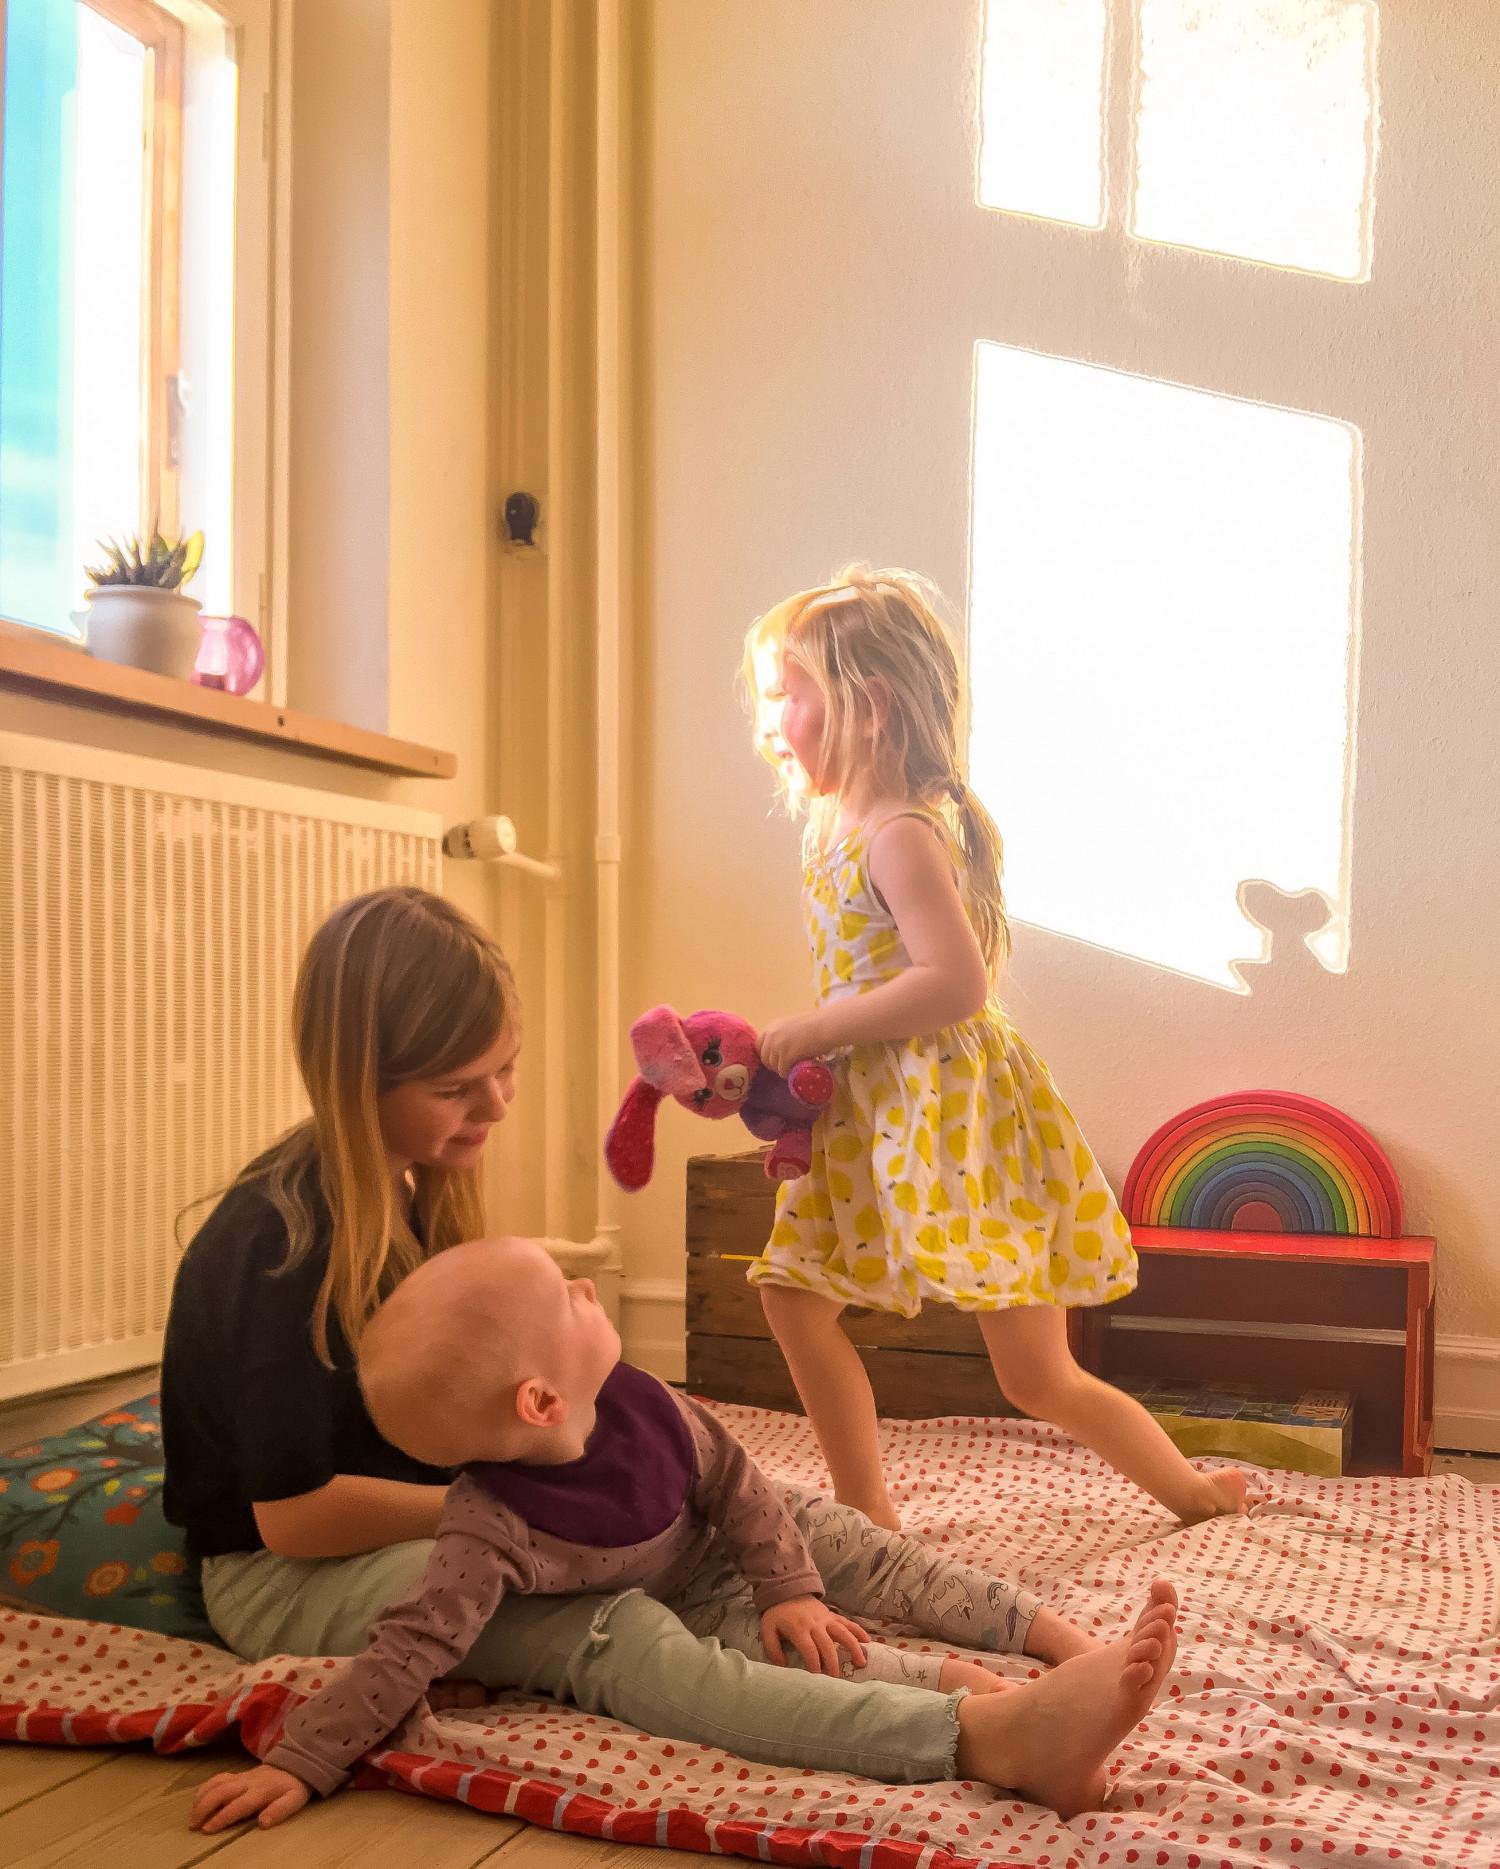 deleværelse eget værelse søskende børn samsovning legeværelse